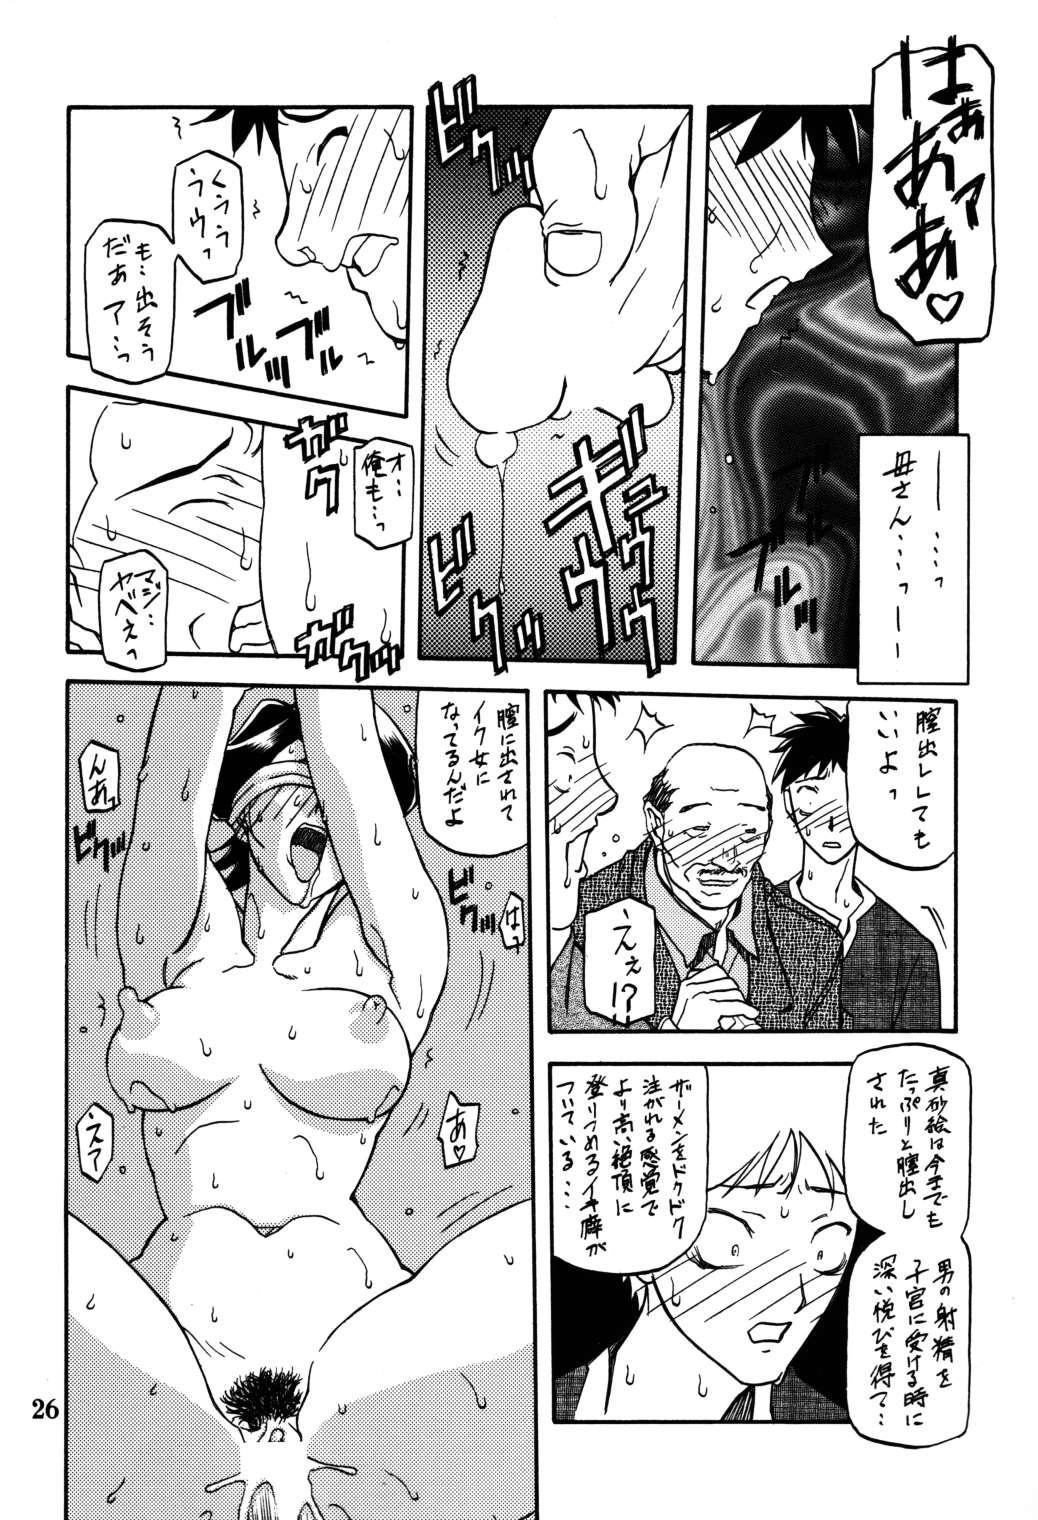 Akebi no Mi - Masae 24